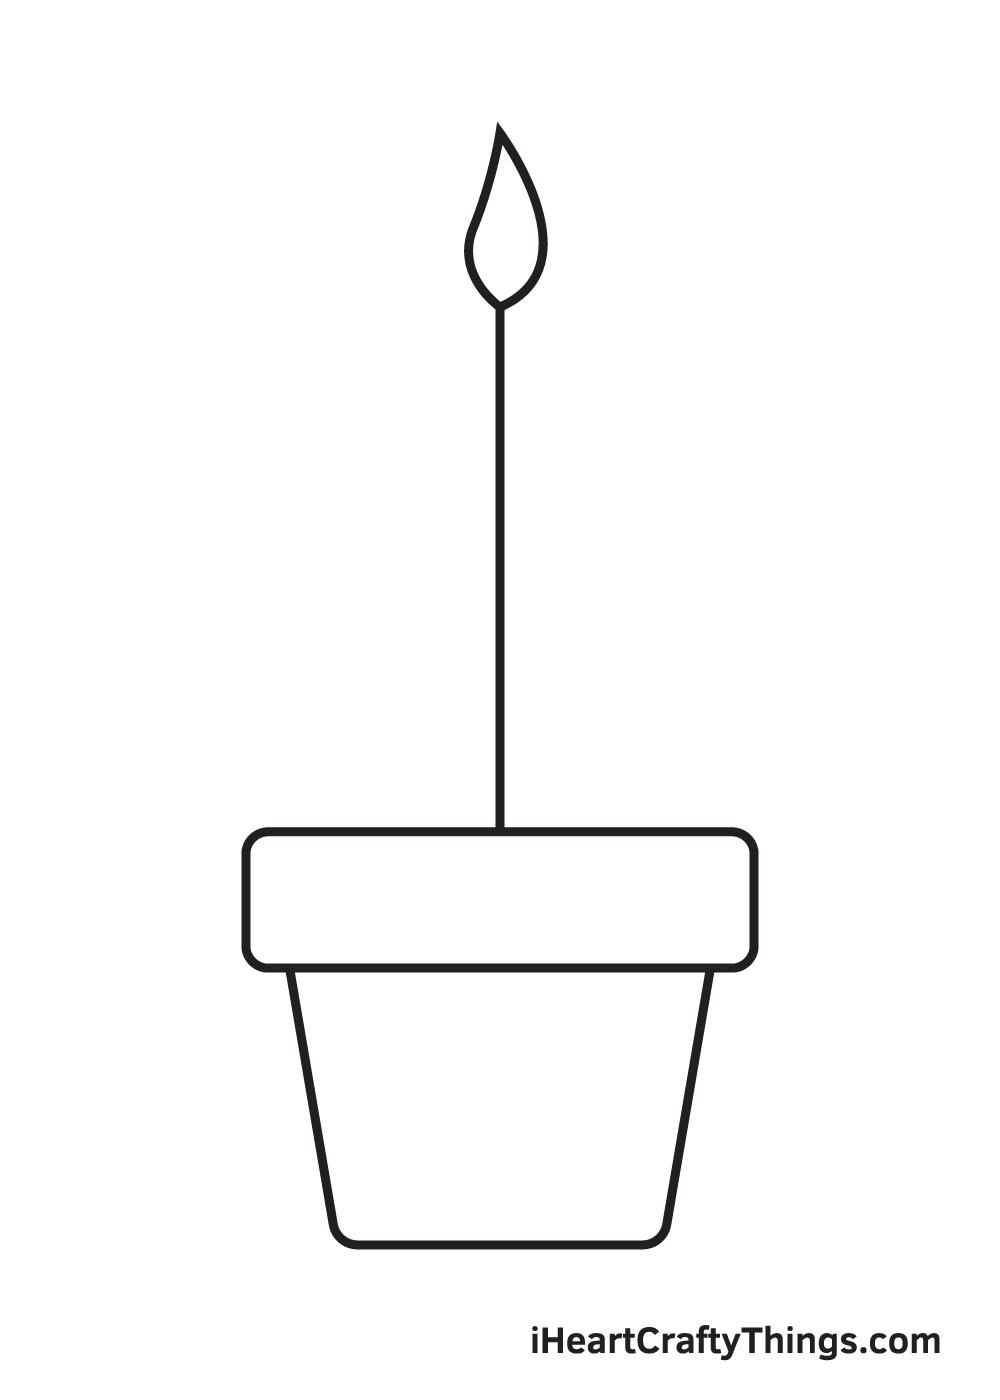 Bản vẽ thực vật - Bước 3